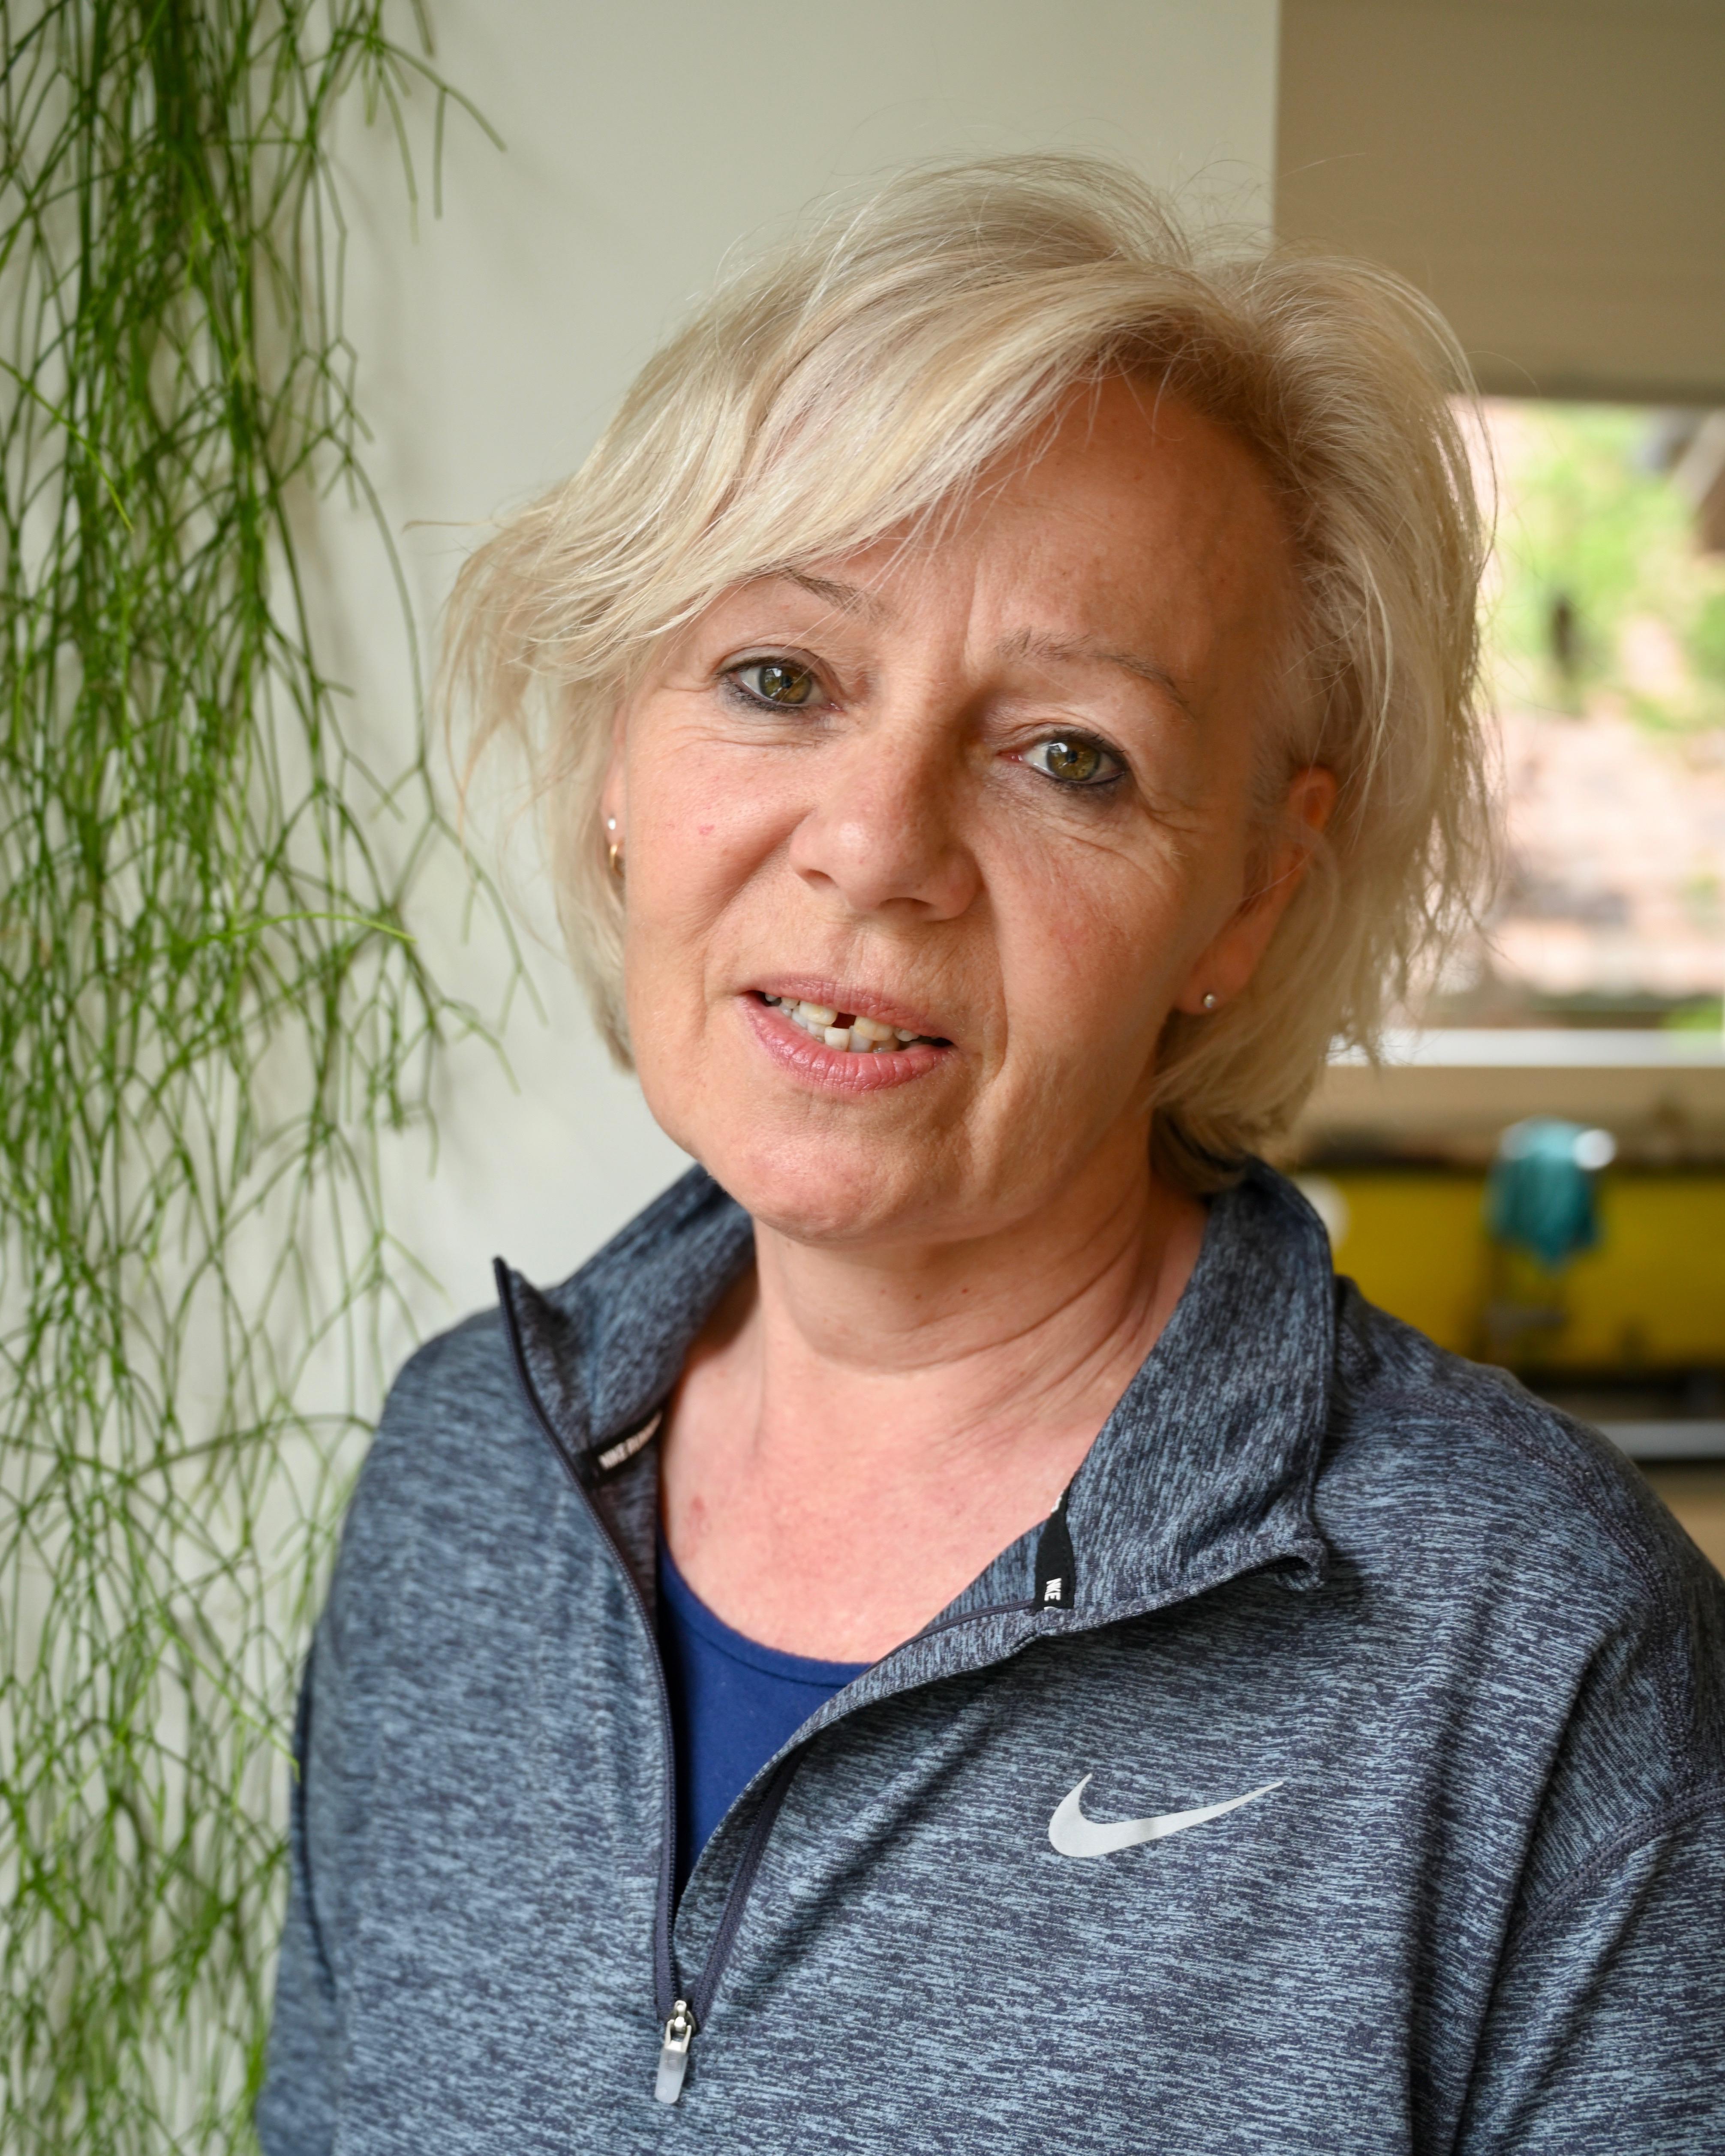 Irene Kopie